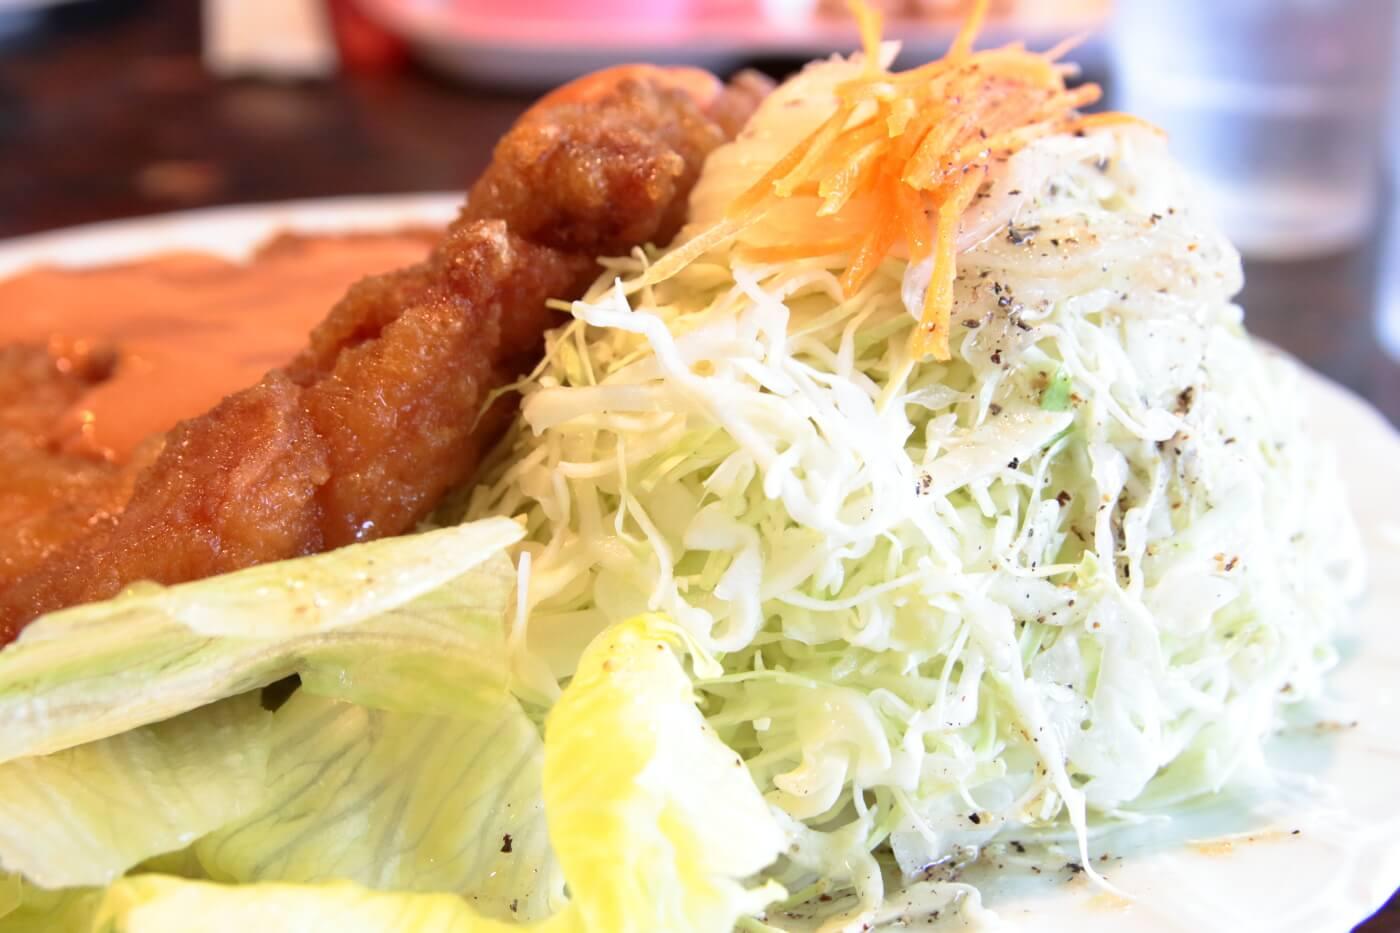 高知市の鶏料理屋さん 鳥心 名物のチキンナンバン サラダの量も多い